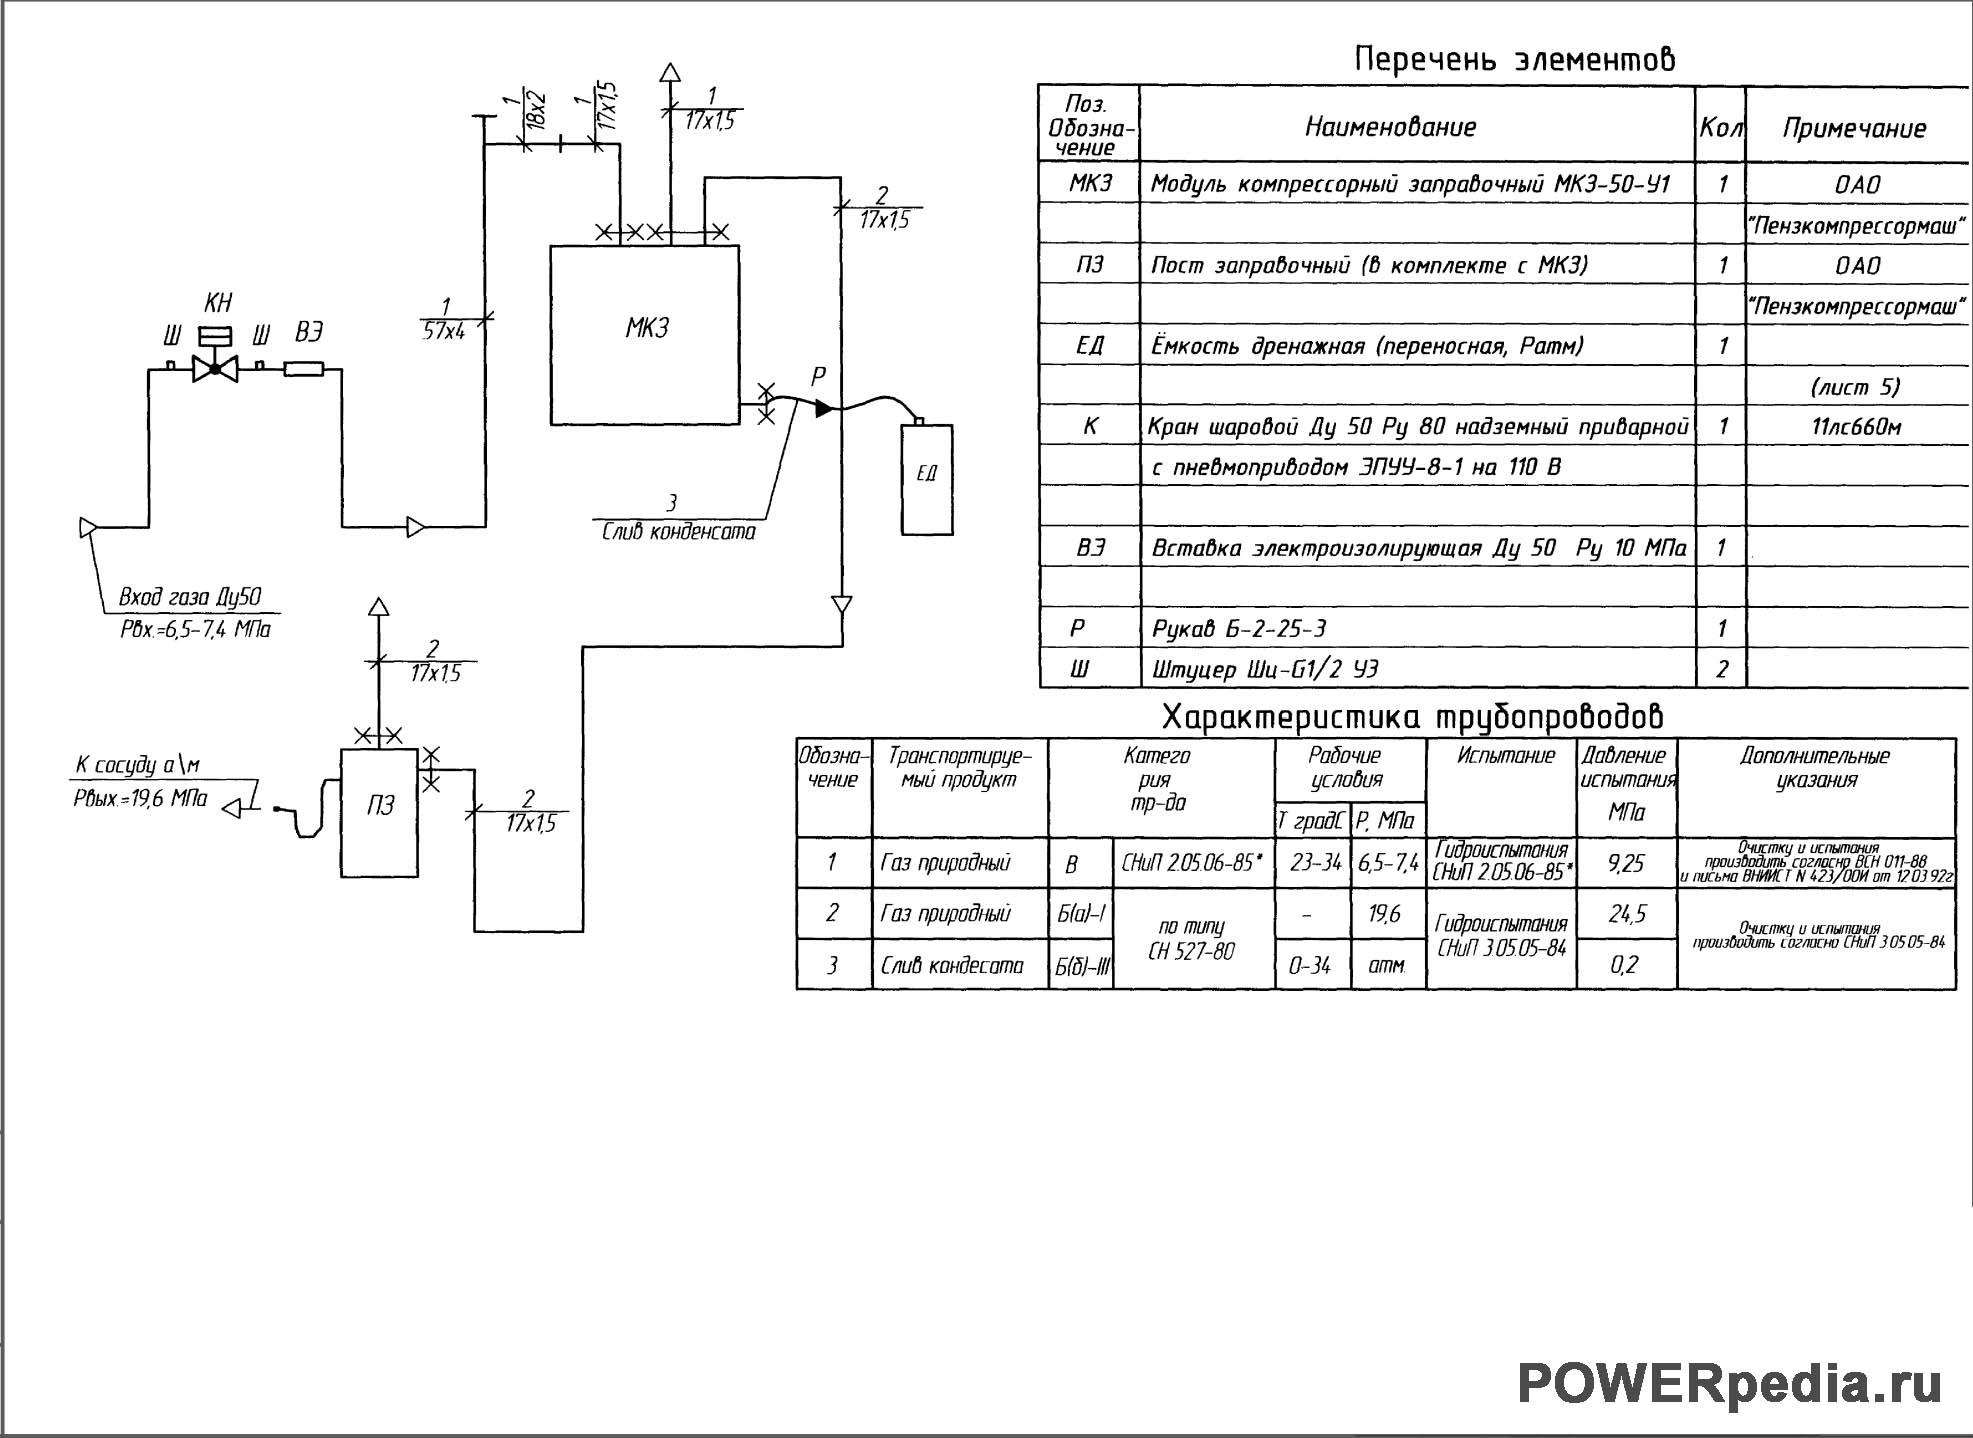 Технологическая схема АГНКС